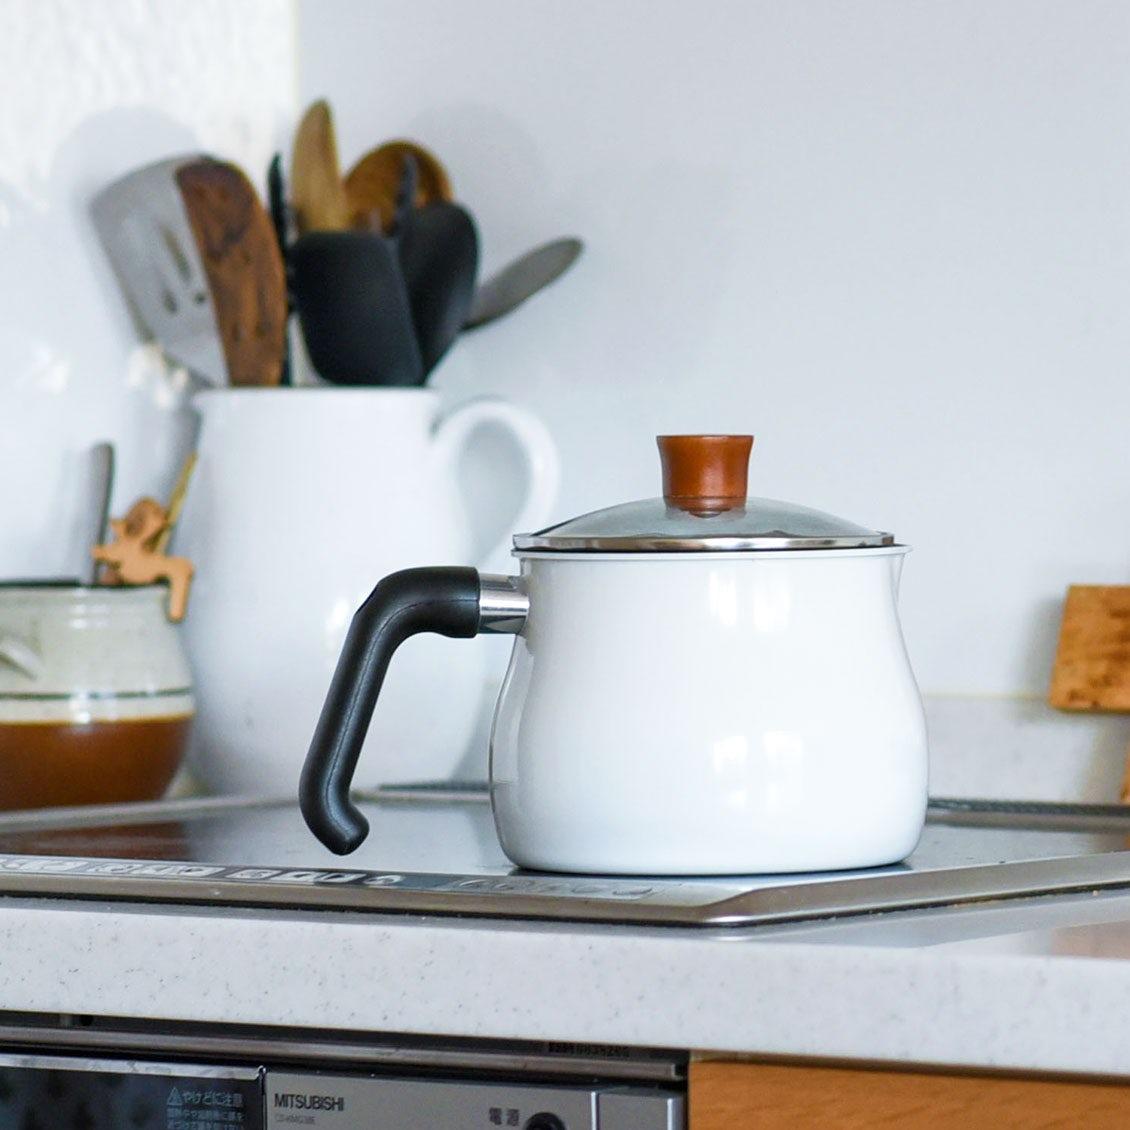 【新商品】「煮る・揚げる・炒める・炊く」全てを叶えるマルチ鍋の登場です!